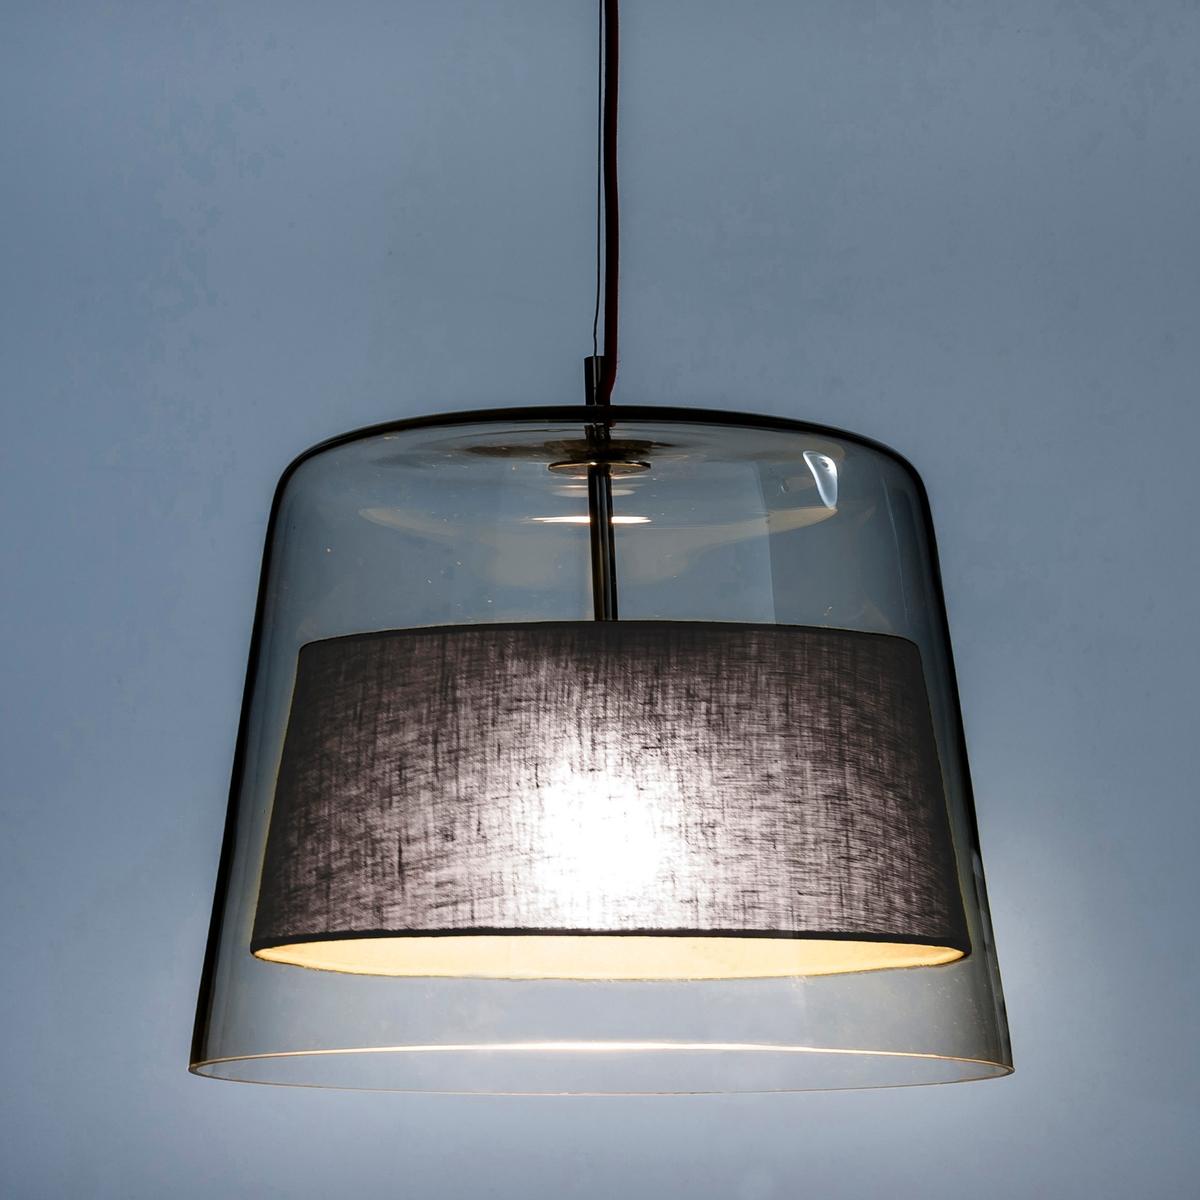 Светильник Duo дизайн Э. ГаллиныСветильник Duo . Созданный дизайнером Эммануэлем Галлина, эксклюзивно для AM.PM, светильник из прозрачного стекла с абажуром из ткани, элегантно скрывающим лампочку .Дизайнер - Эммануэль Галлина. Элегантность, очевидность и простота - это его ключевые понятия. Для него важны детали, чтобы запечатлеть каждое мгновение в линиях, форме и функциональности  .Характеристики : - Из прозрачного стекла- Абажур из ткани- Цоколь из хромированного металла .- Электрический шнур с покрытием из красной ткани .- Патрон E27.Размеры :- ? низа 40, ? верха 30 x Выс47,5 см .<br><br>Цвет: белый,серо-бежевый,серый